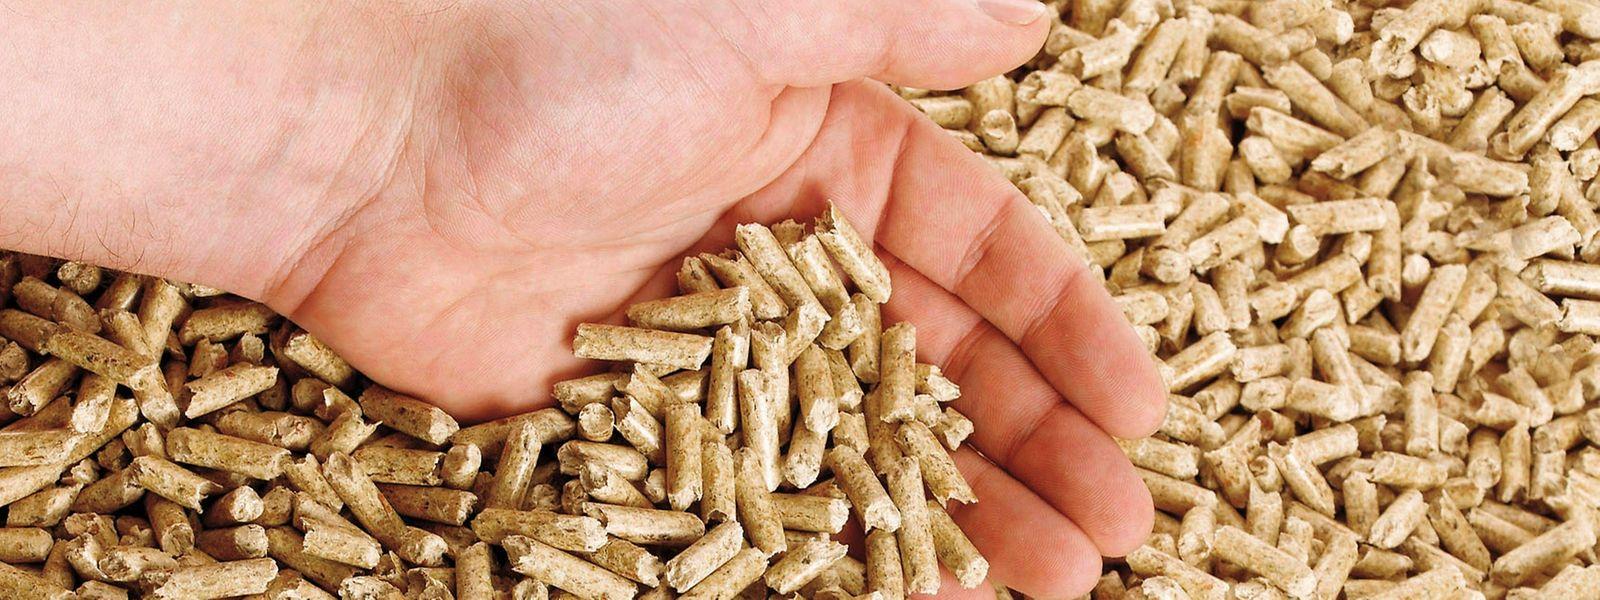 Ökologisch und wirtschaftlich gesehen, bietet das Heizen mit Holzpellets Vorteile.